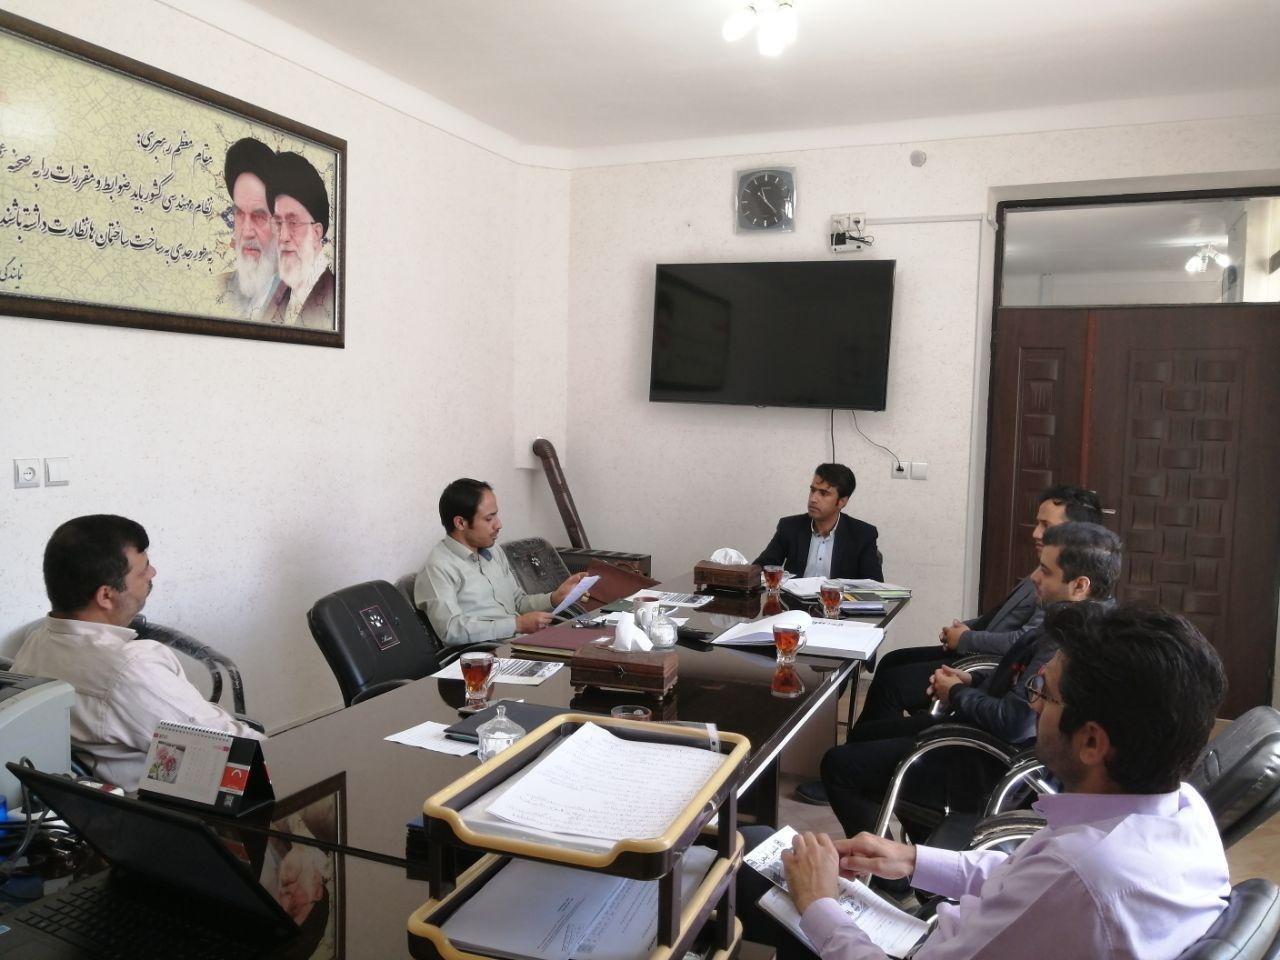 جلسه با مدیر عامل محترم شرکت هوشمندسازان